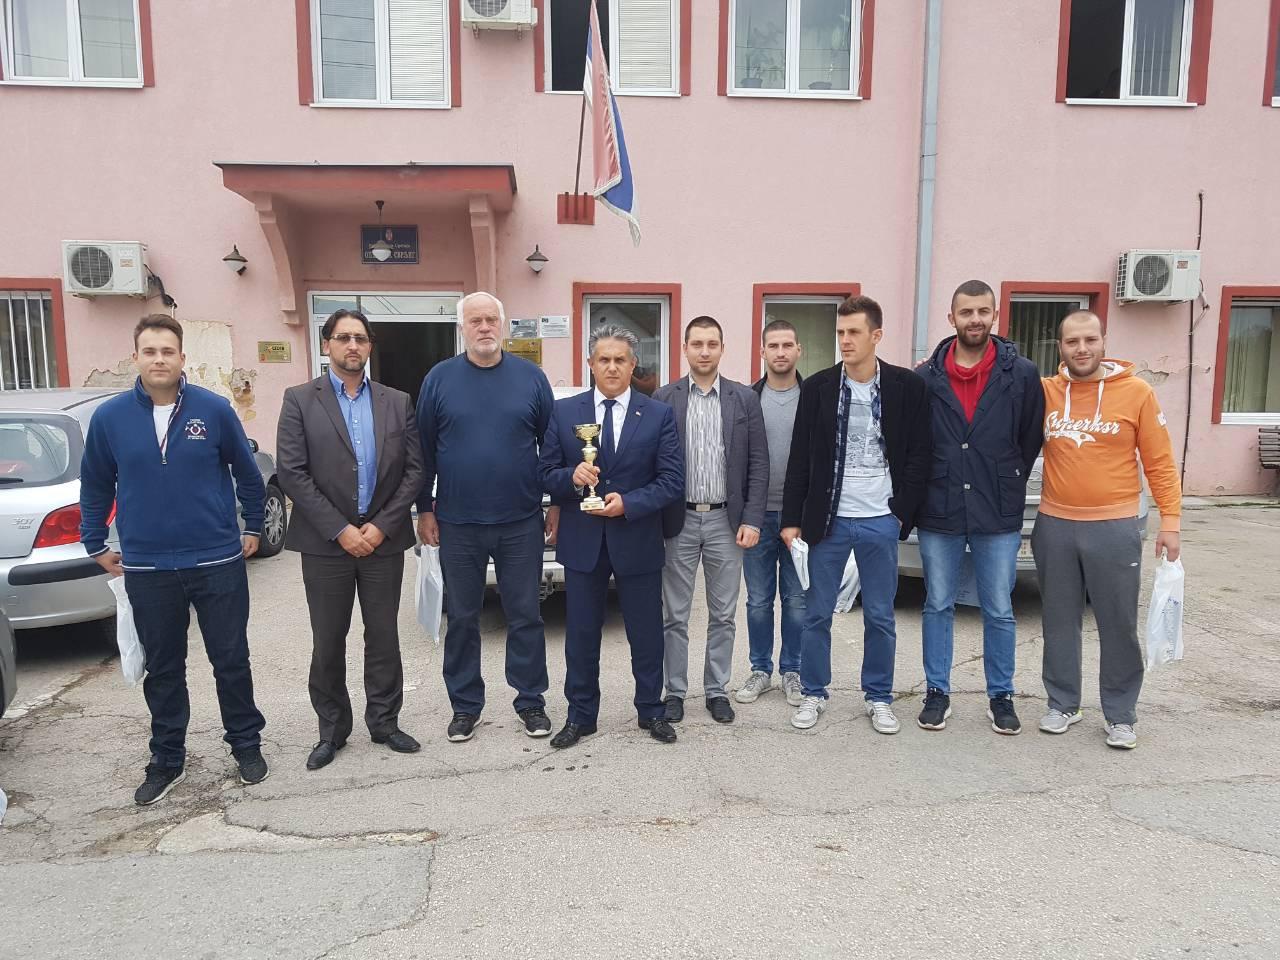 Opština Svrljig ponosna rezultatima rukometaša! Priređen prijem za igrače i upravu Kluba